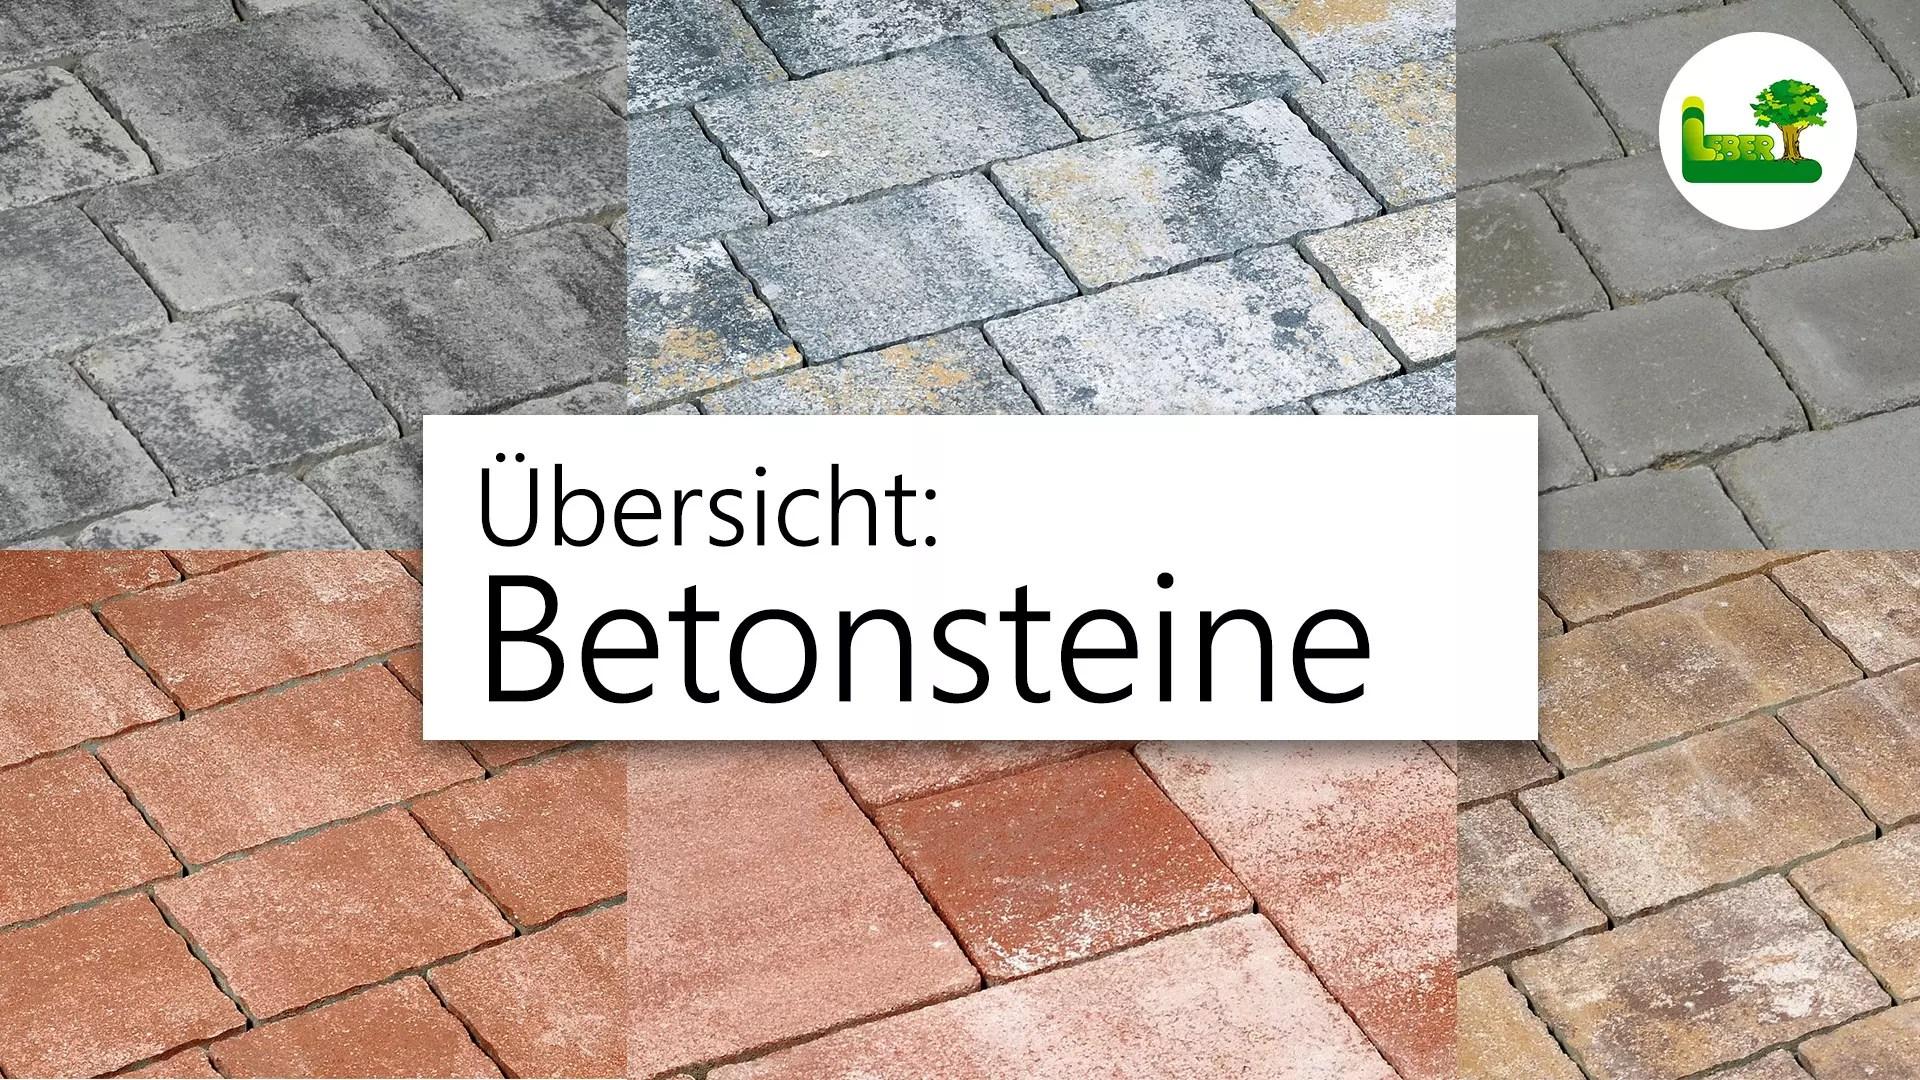 In diesem Artikel sehen Sie verschiedene Beispiele für Betonsteine. (Ihre Texturen und Farben.)